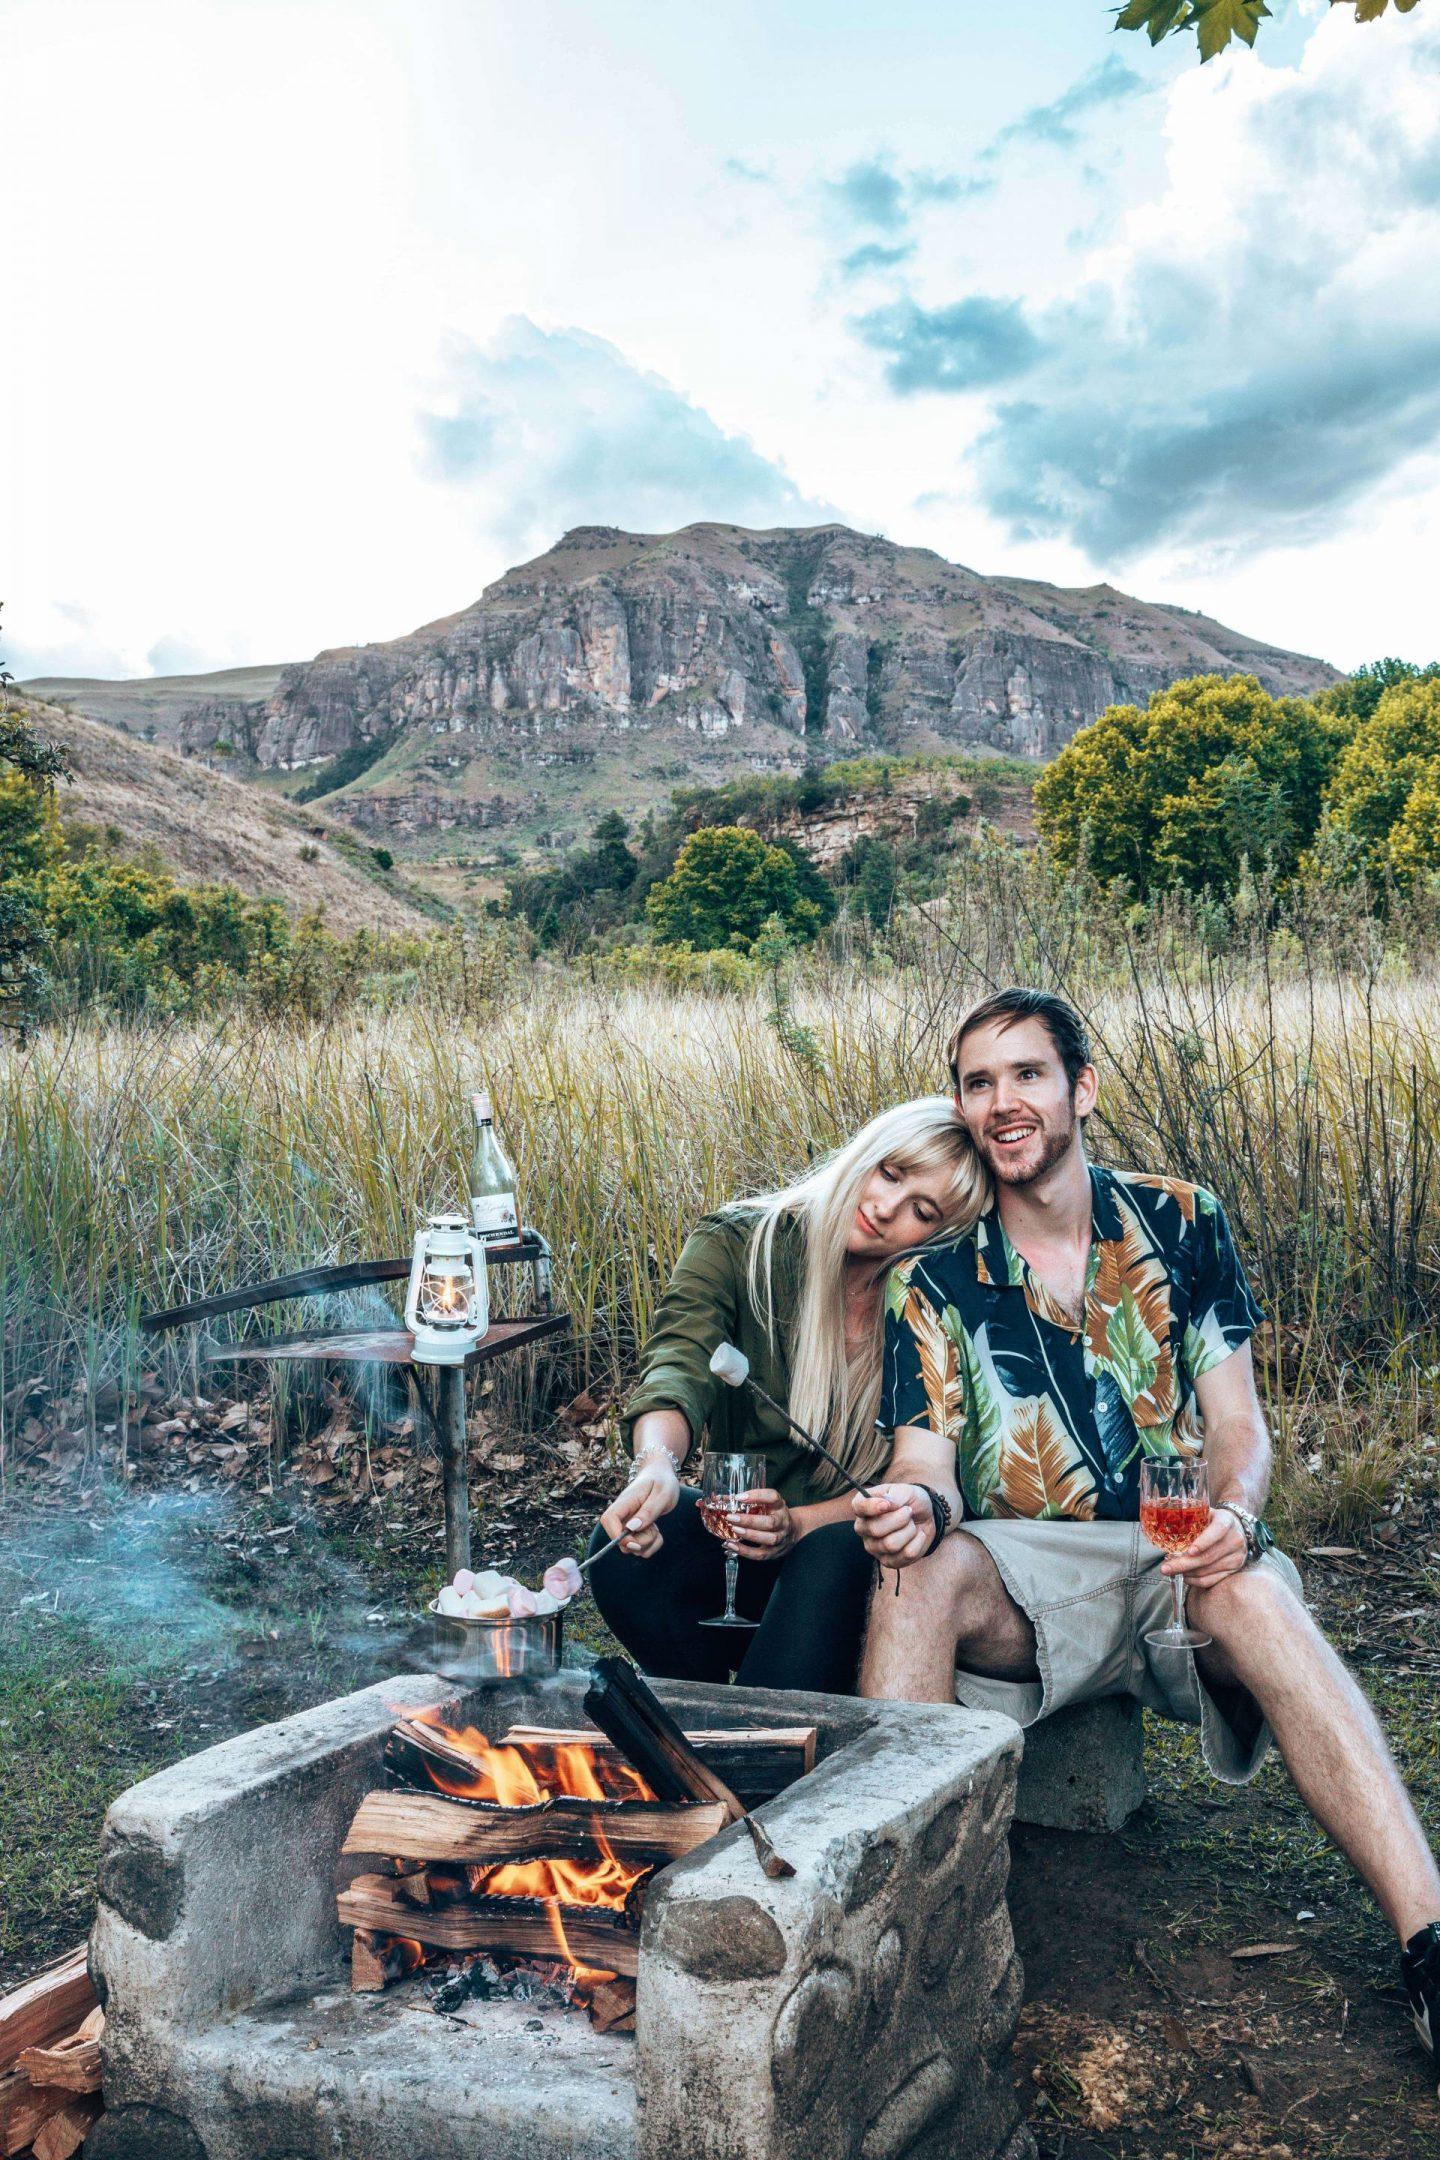 Roasting Marshmallows at Injisuthi campsite